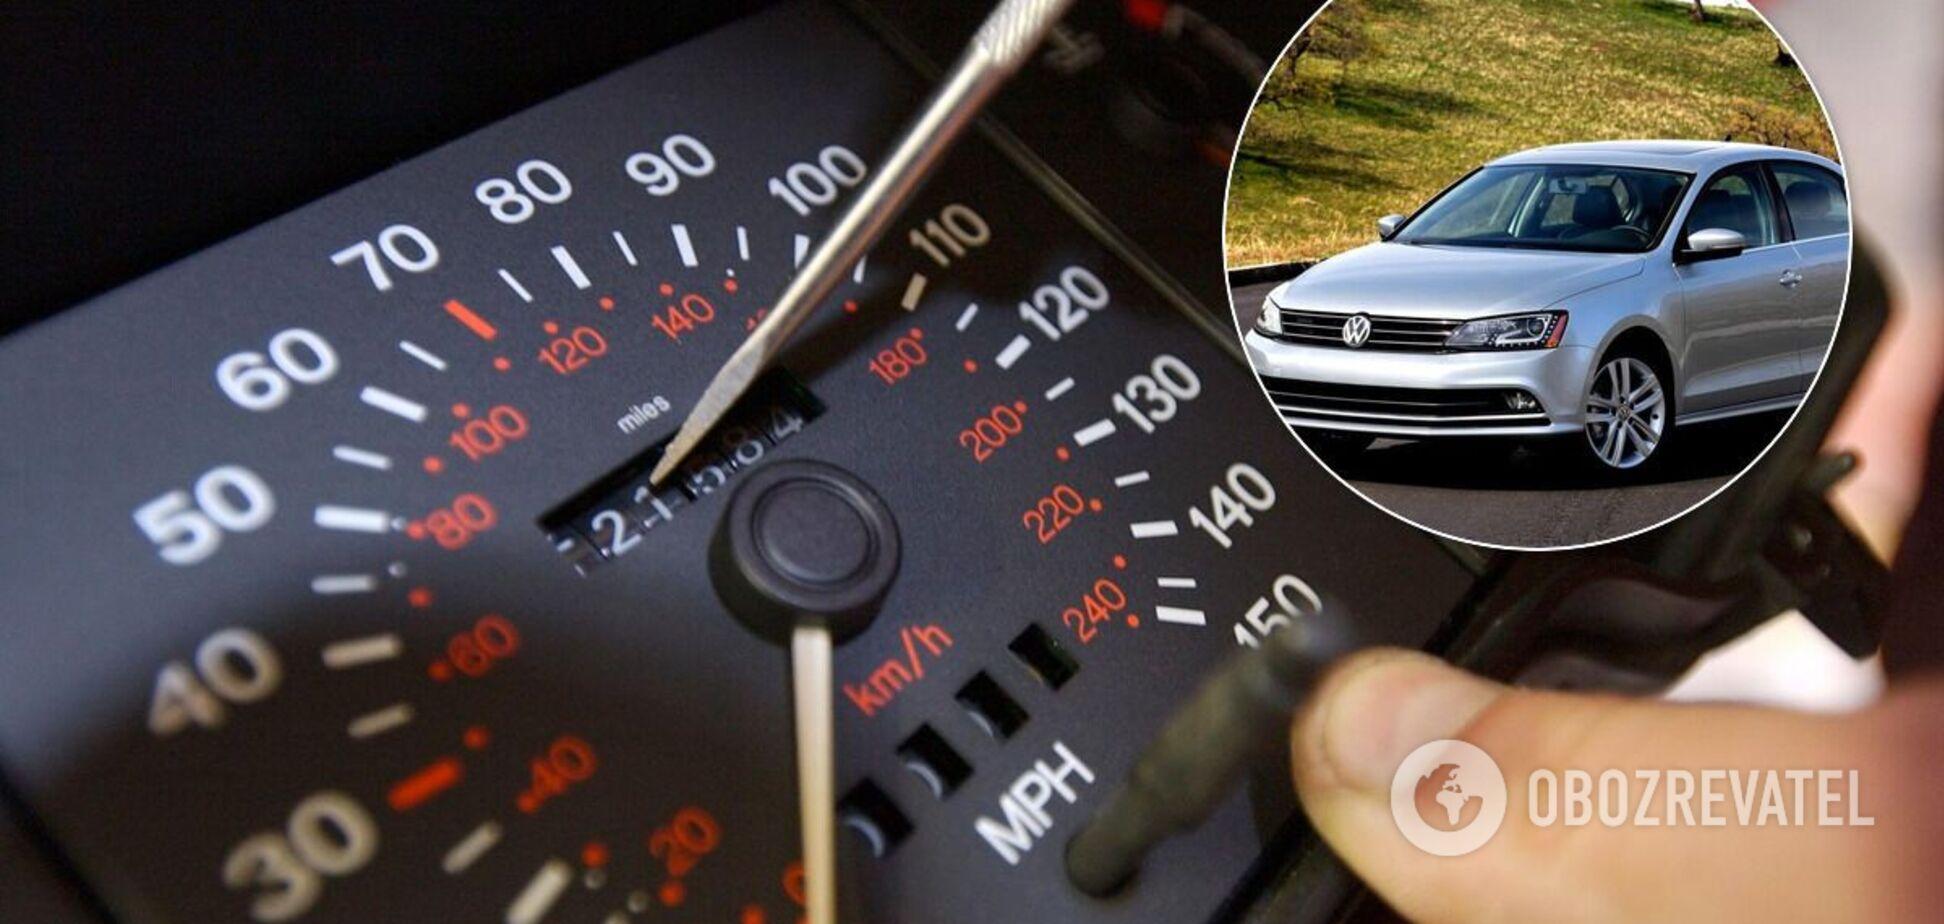 В Україні продають авто зі скрученими пробігами на 500-800 тисяч км